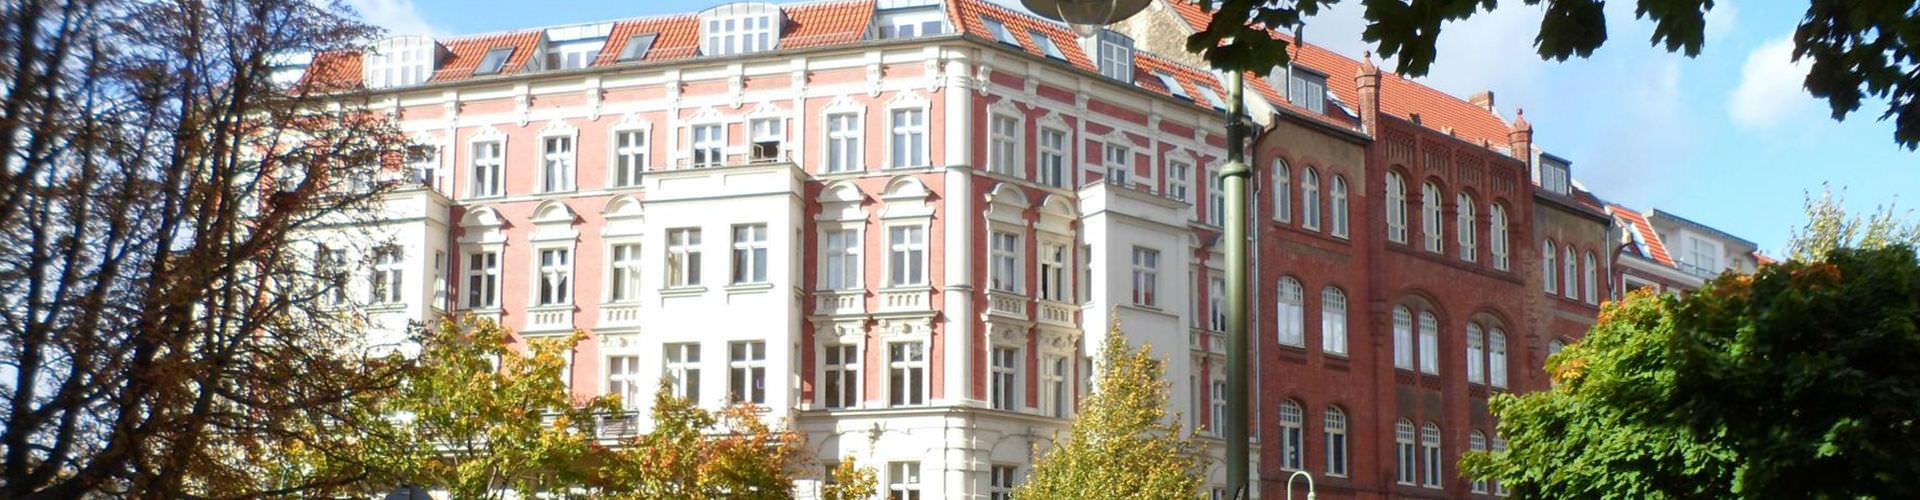 Berlim – Hostels no bairro de Prenzlauer Berg . Mapas para Berlim, Fotos e Avaliações para cada Hostel em Berlim.